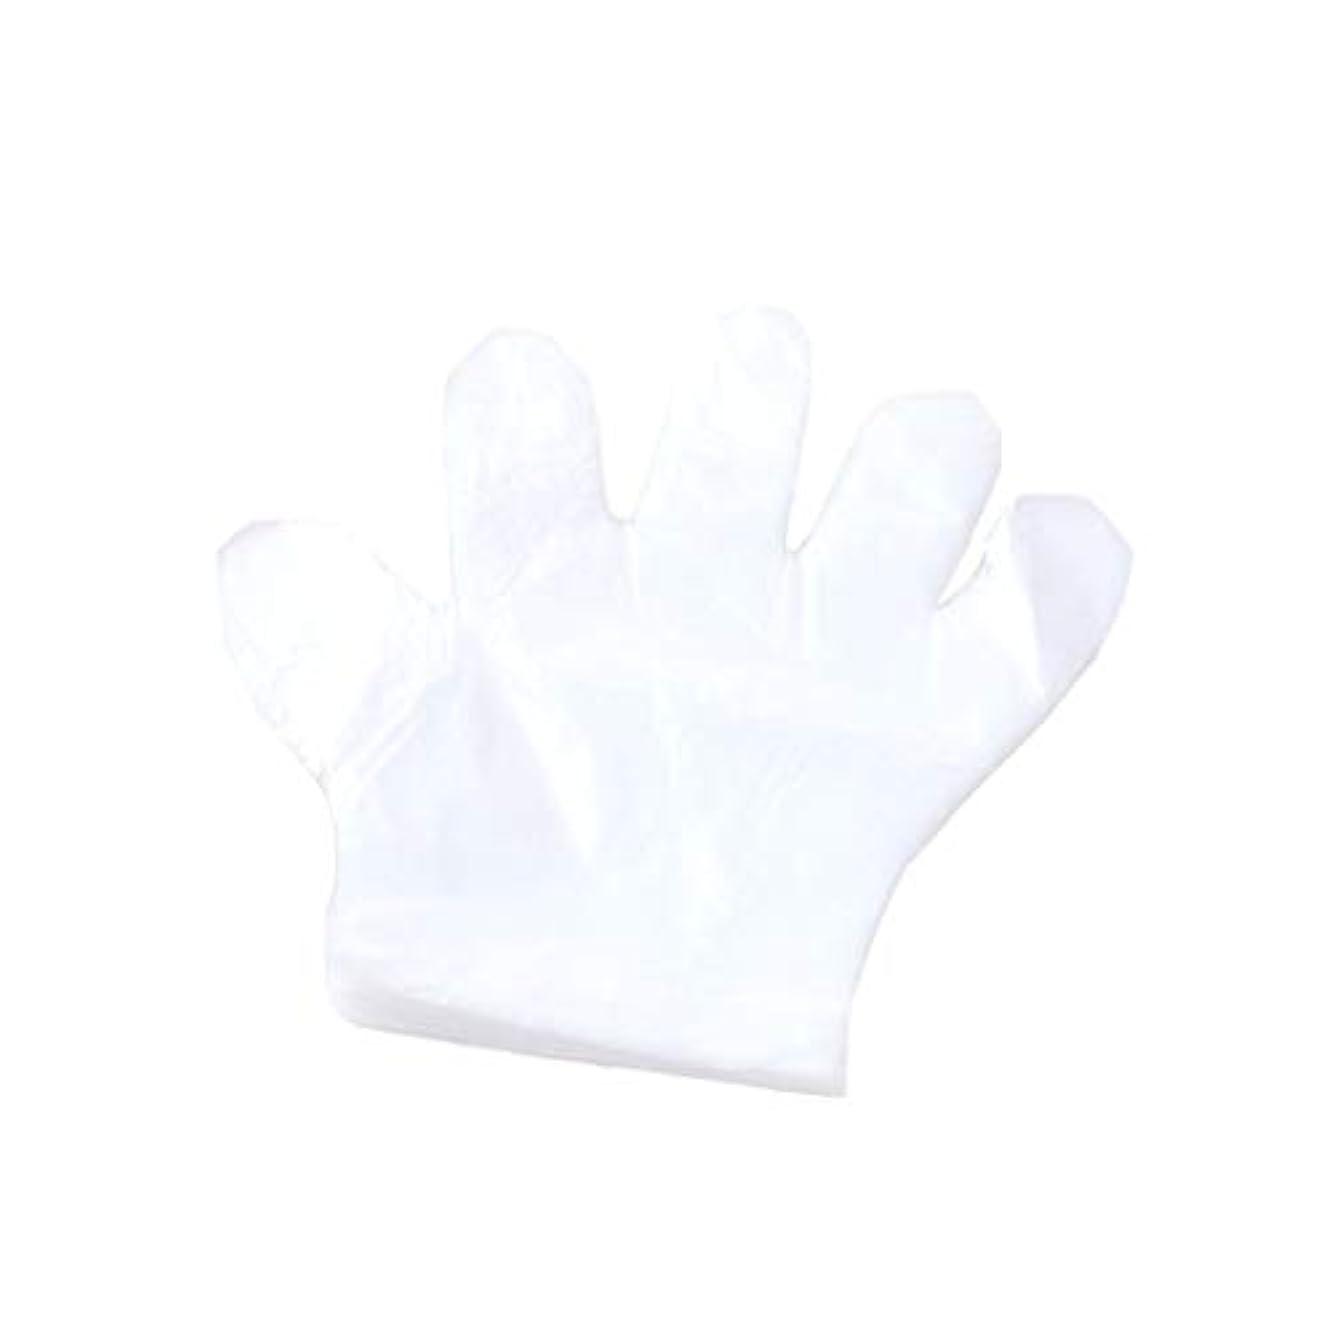 許可作成する重要性手袋、使い捨て手袋、プラスチック透明な使い捨て手袋、衛生的な食品、100スーツ。 (UnitCount : 2000only)